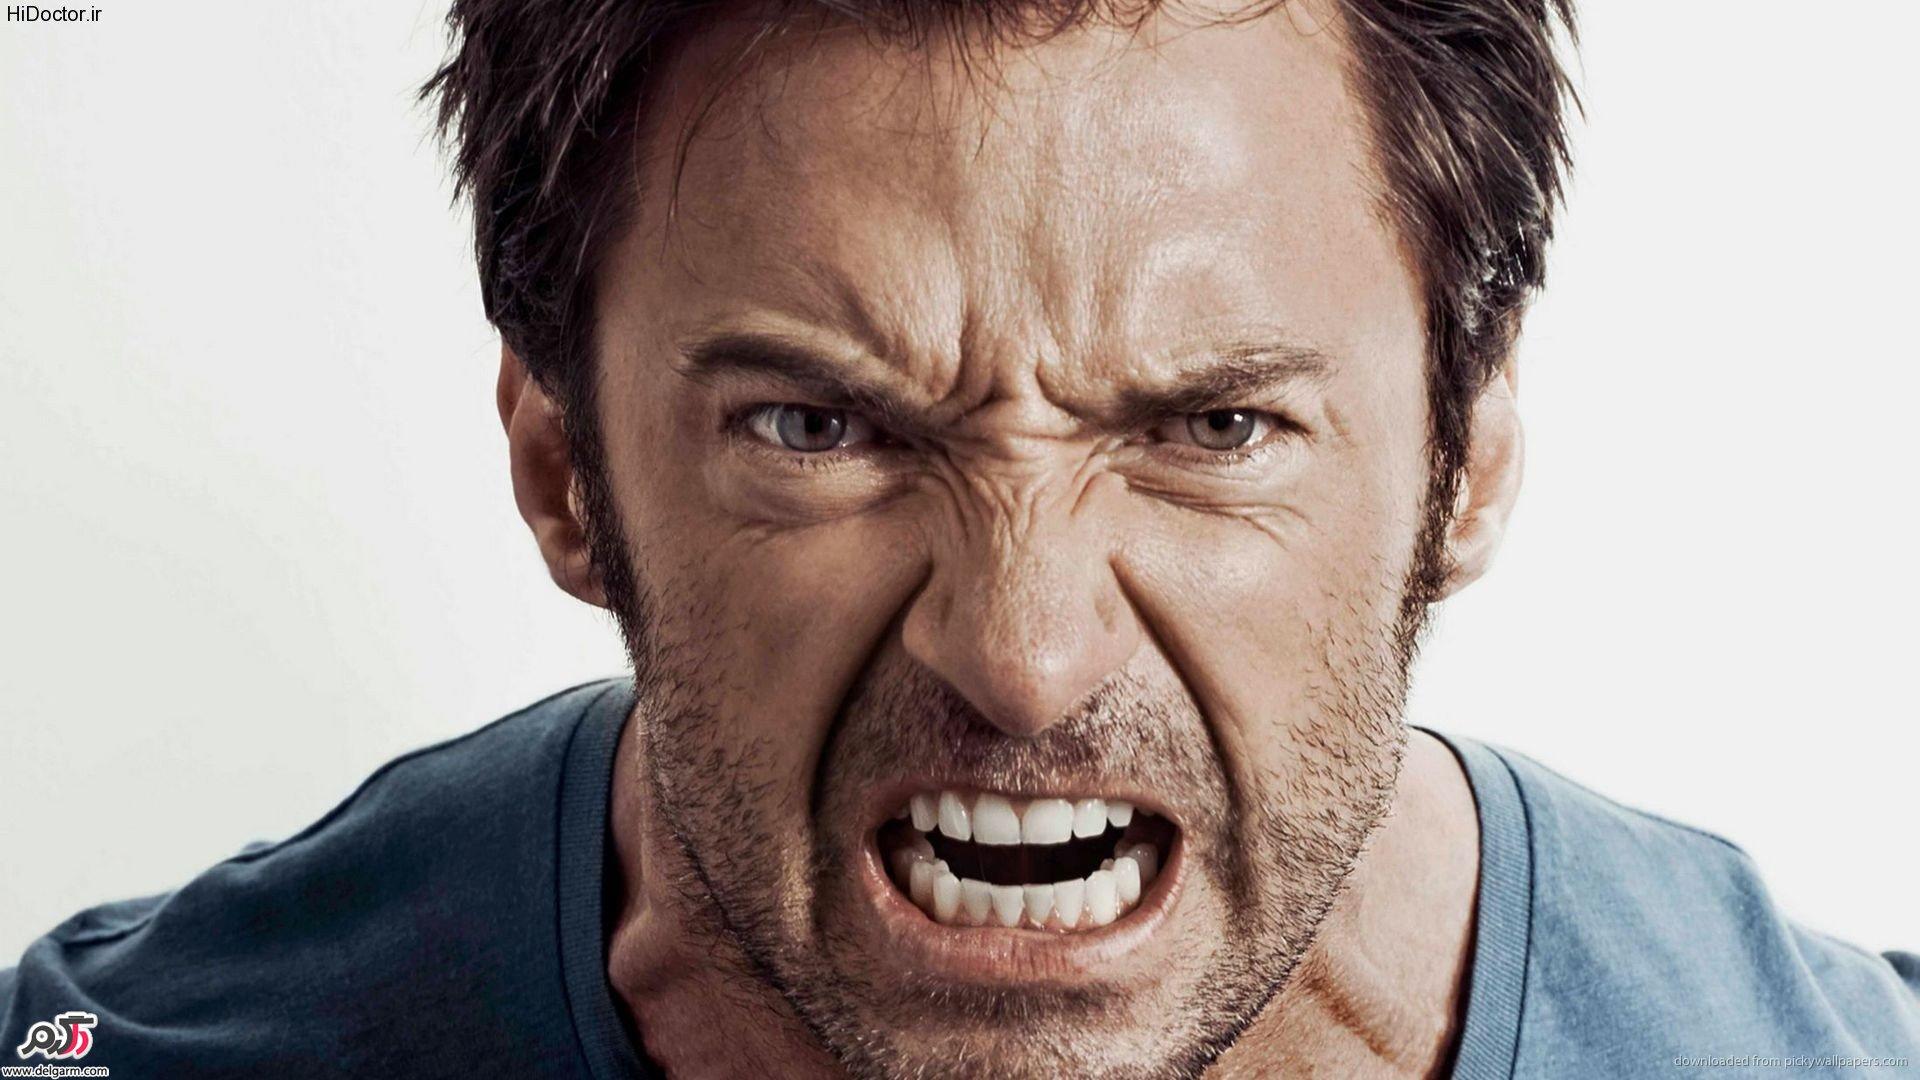 چگونه خشم خود را کنترل کنیم؟